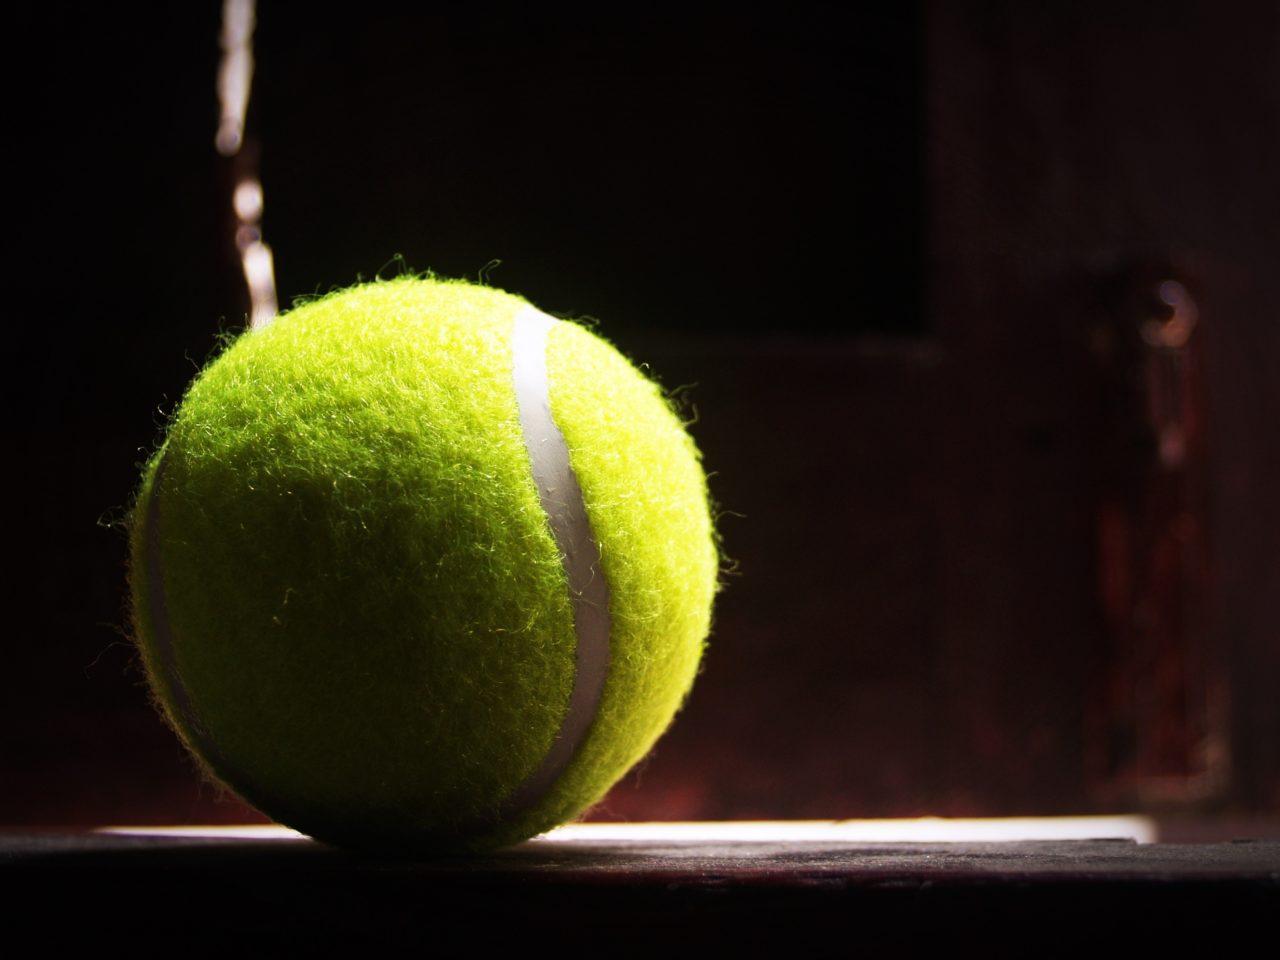 balle-balle-de-tennis-brouiller-207361